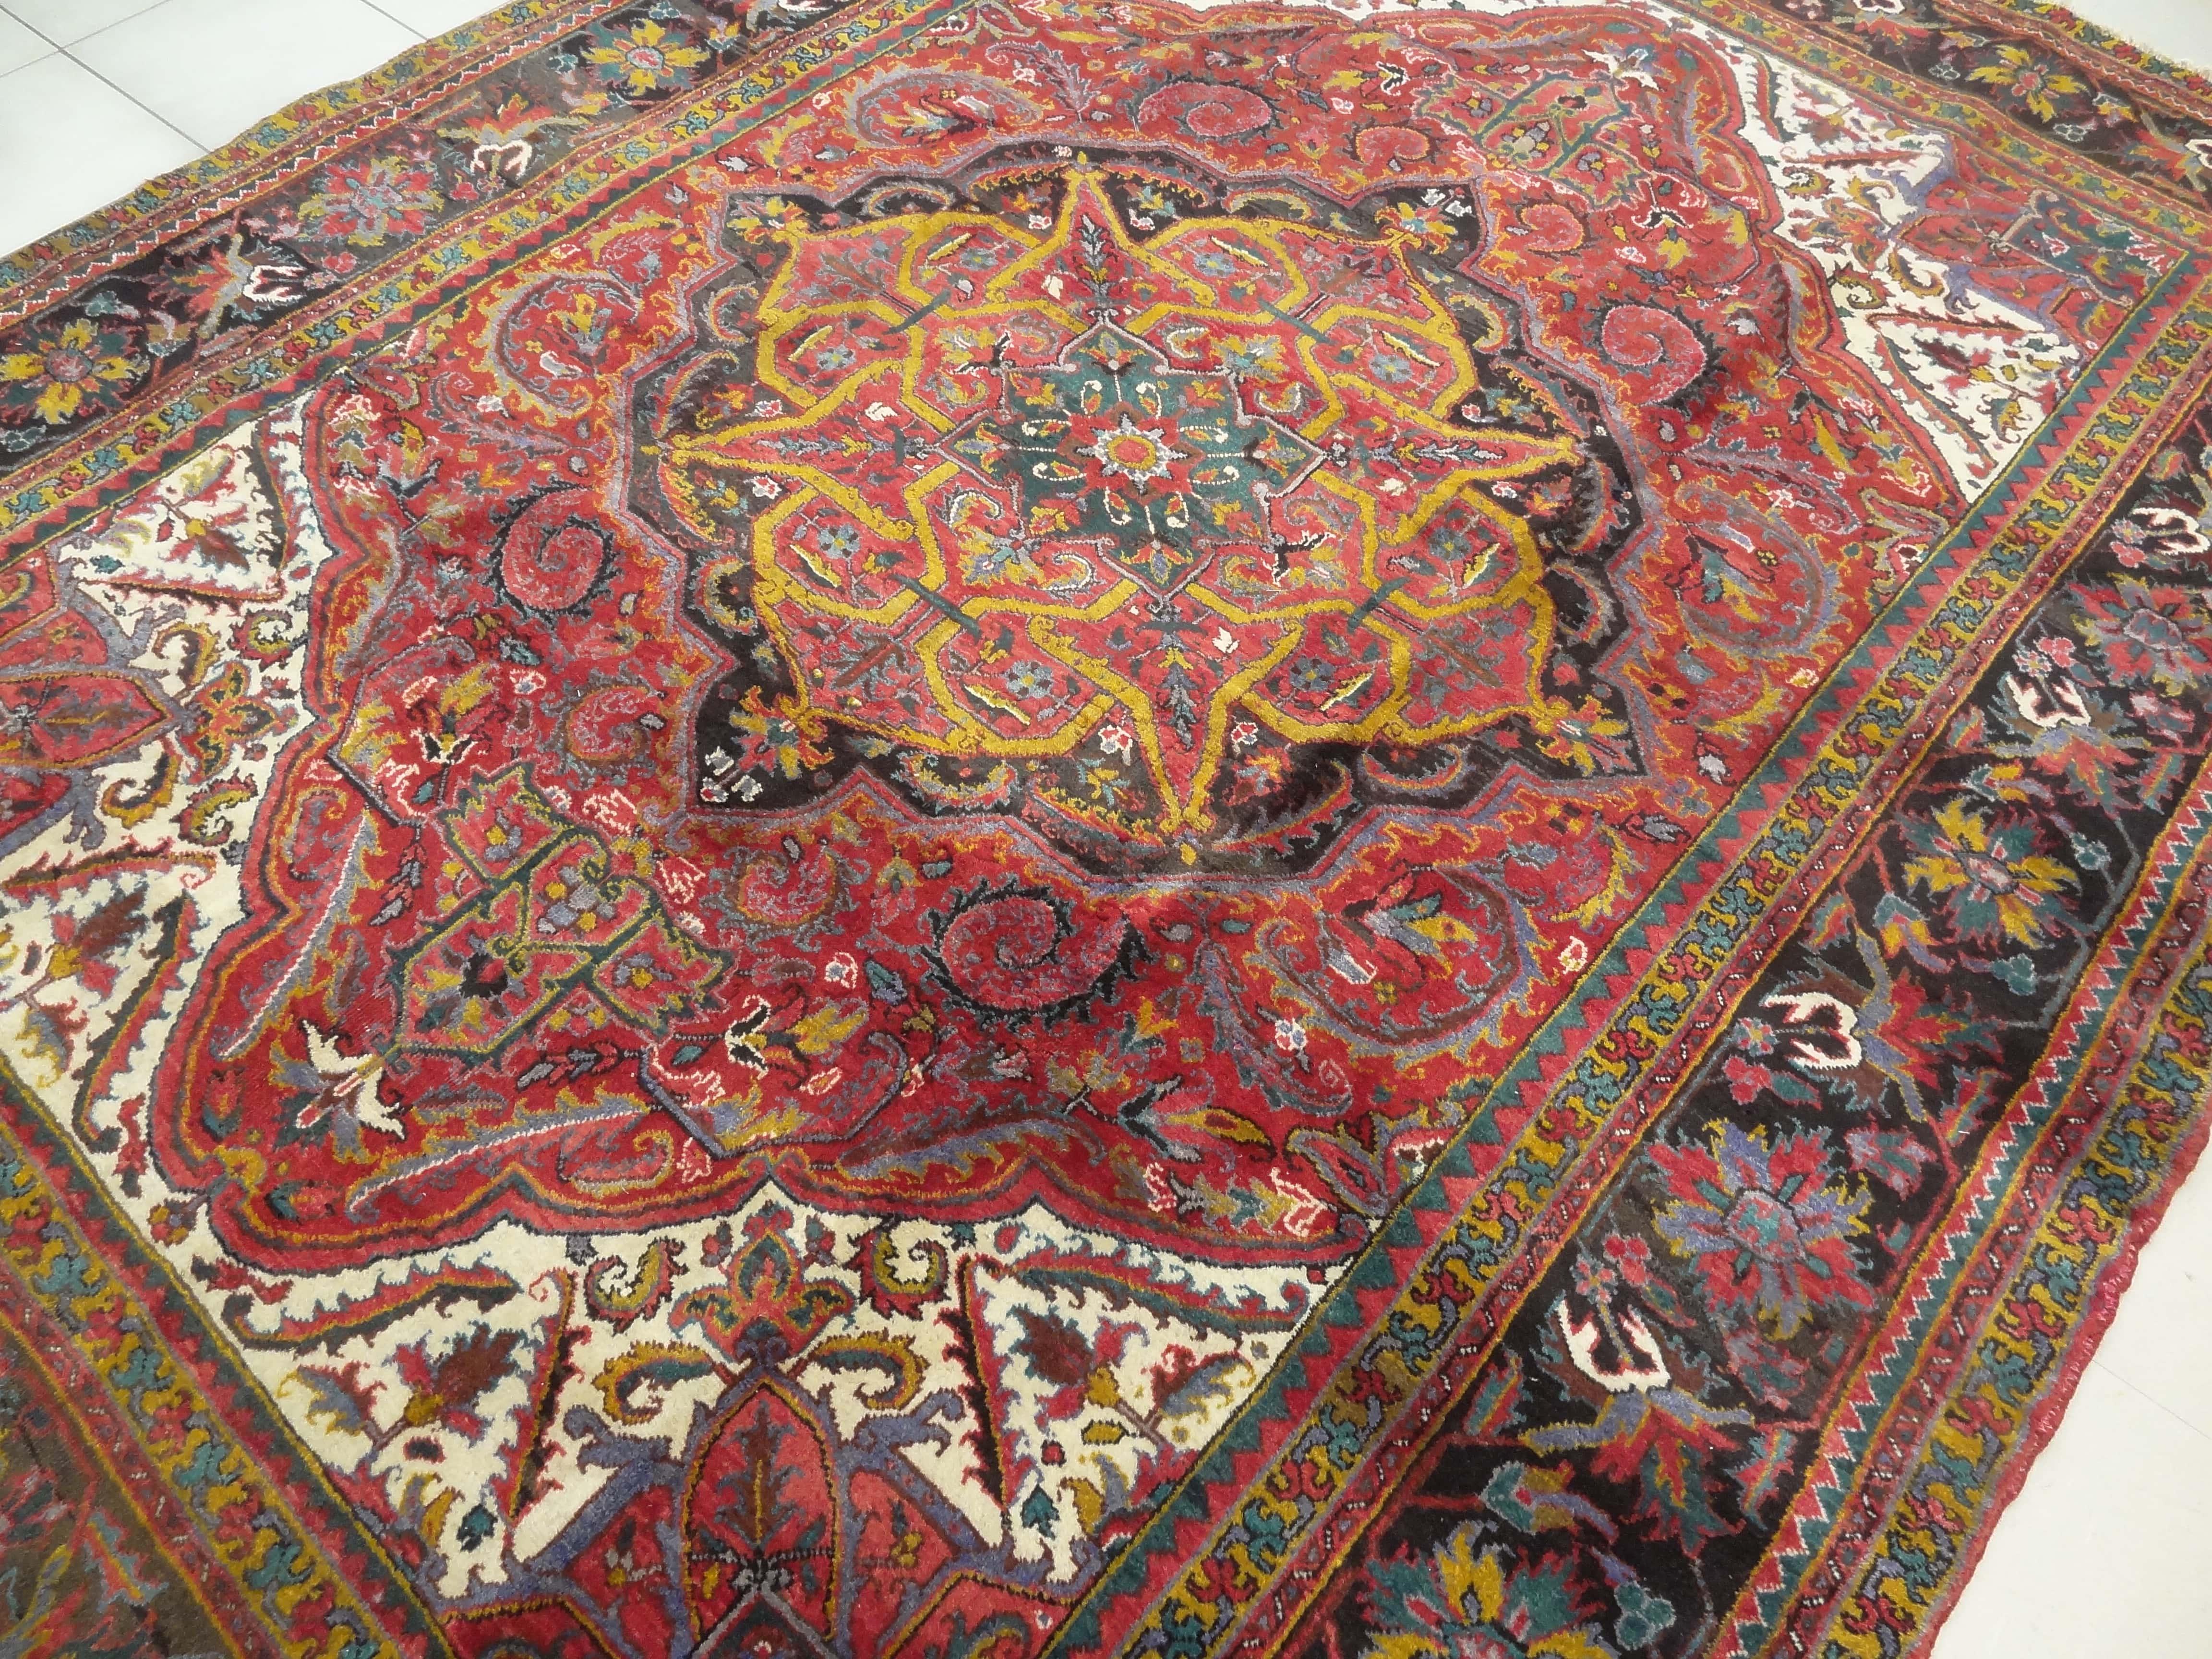 Heriz Persian Rug Heriz Persian Rug Made In Iran This 60